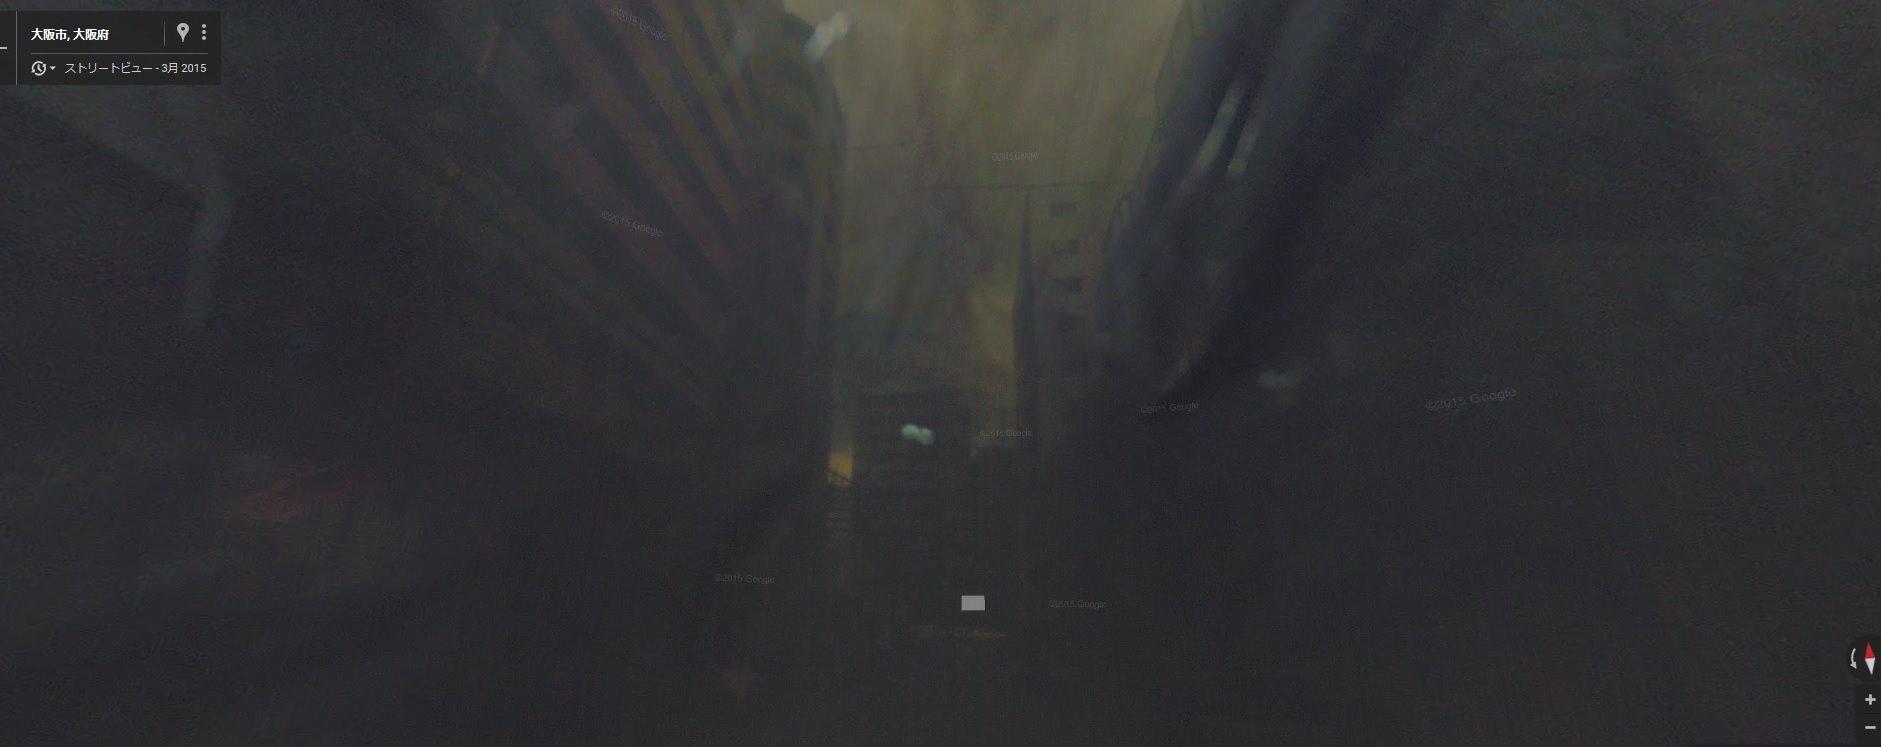 【異空間】オカルト板の住民がストリートビューでヤバイ現象を発見する